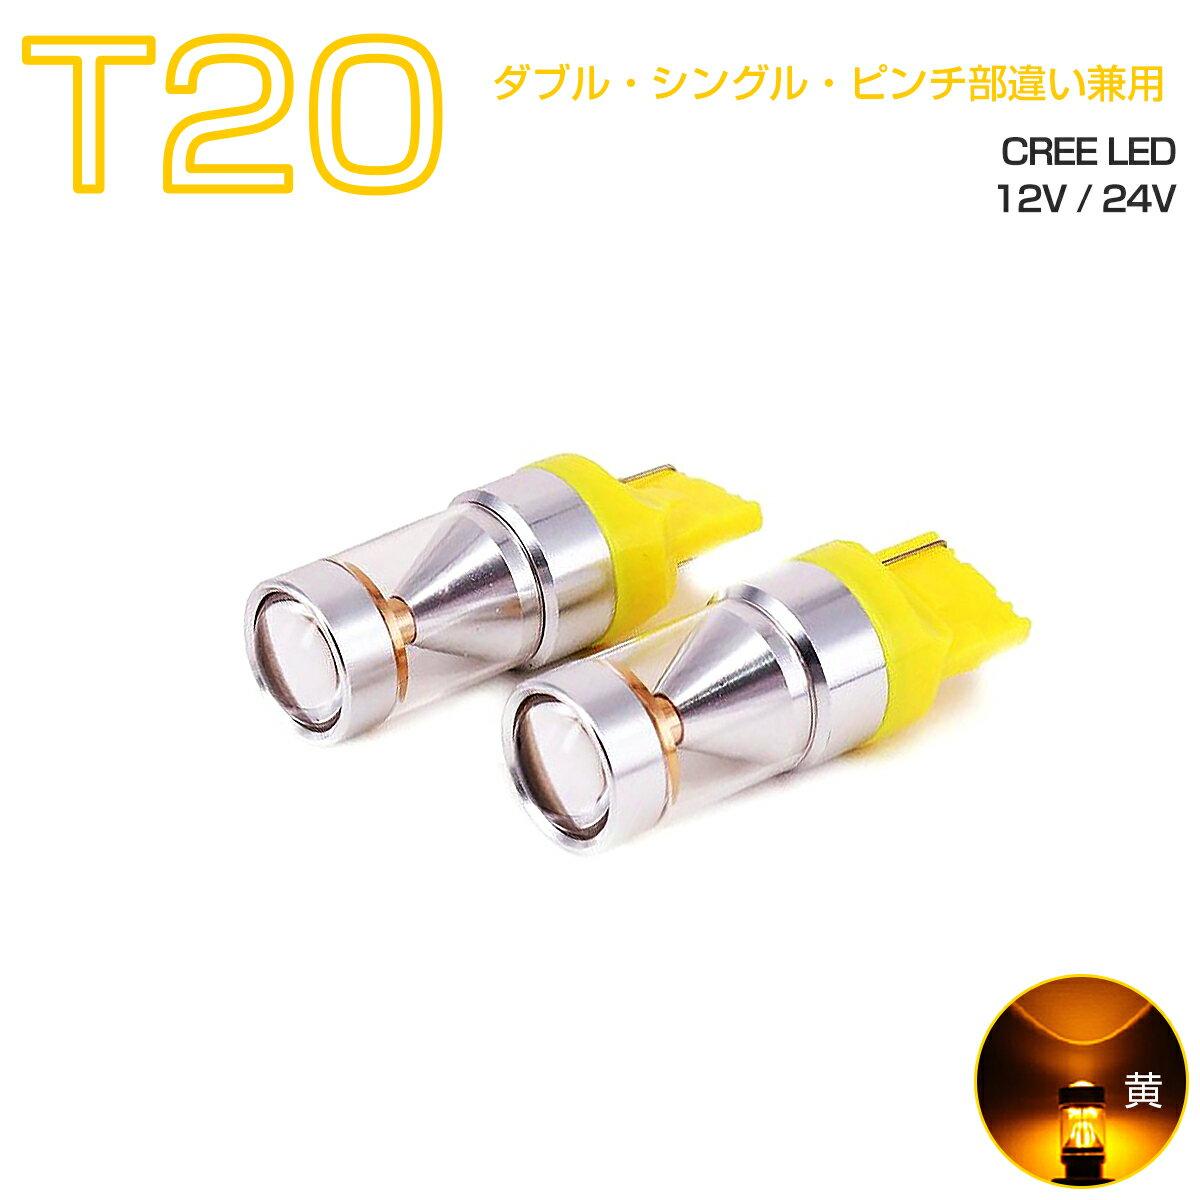 SUZUKI スイフト(マイナー後) H19.5〜H22.8 ZC11・71系 スポーツ含む ウインカー フロント [T20ピンチ部違い] 発光色 アンバー 2個入り CREE LED T20 ネコポス便送料無料 6ヶ月保証 K&M